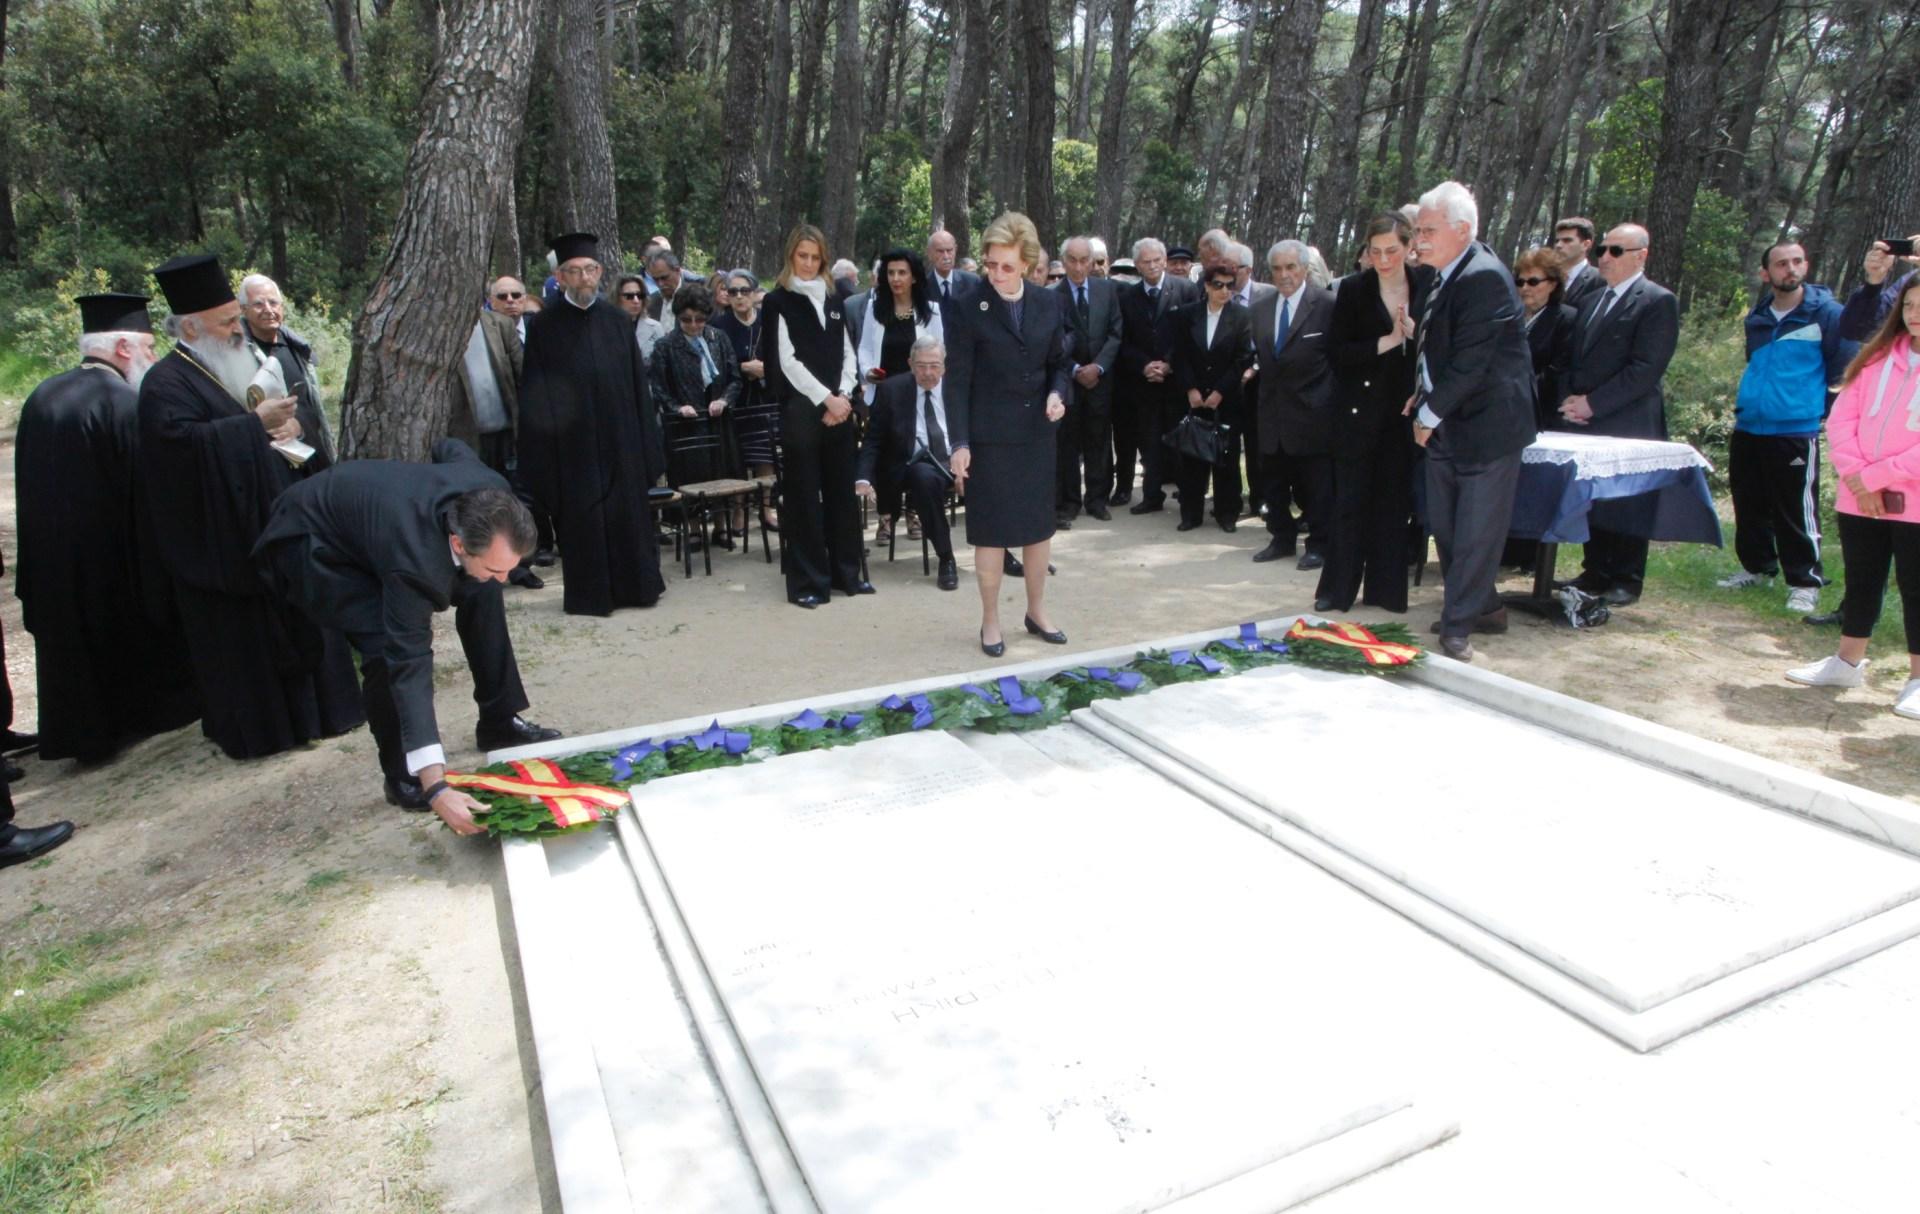 ΦΩΤΟΡΕΠΟΡΤΑΖ: Τρισαγιο στους βασιλικούς τάφους στο Τατόϊ